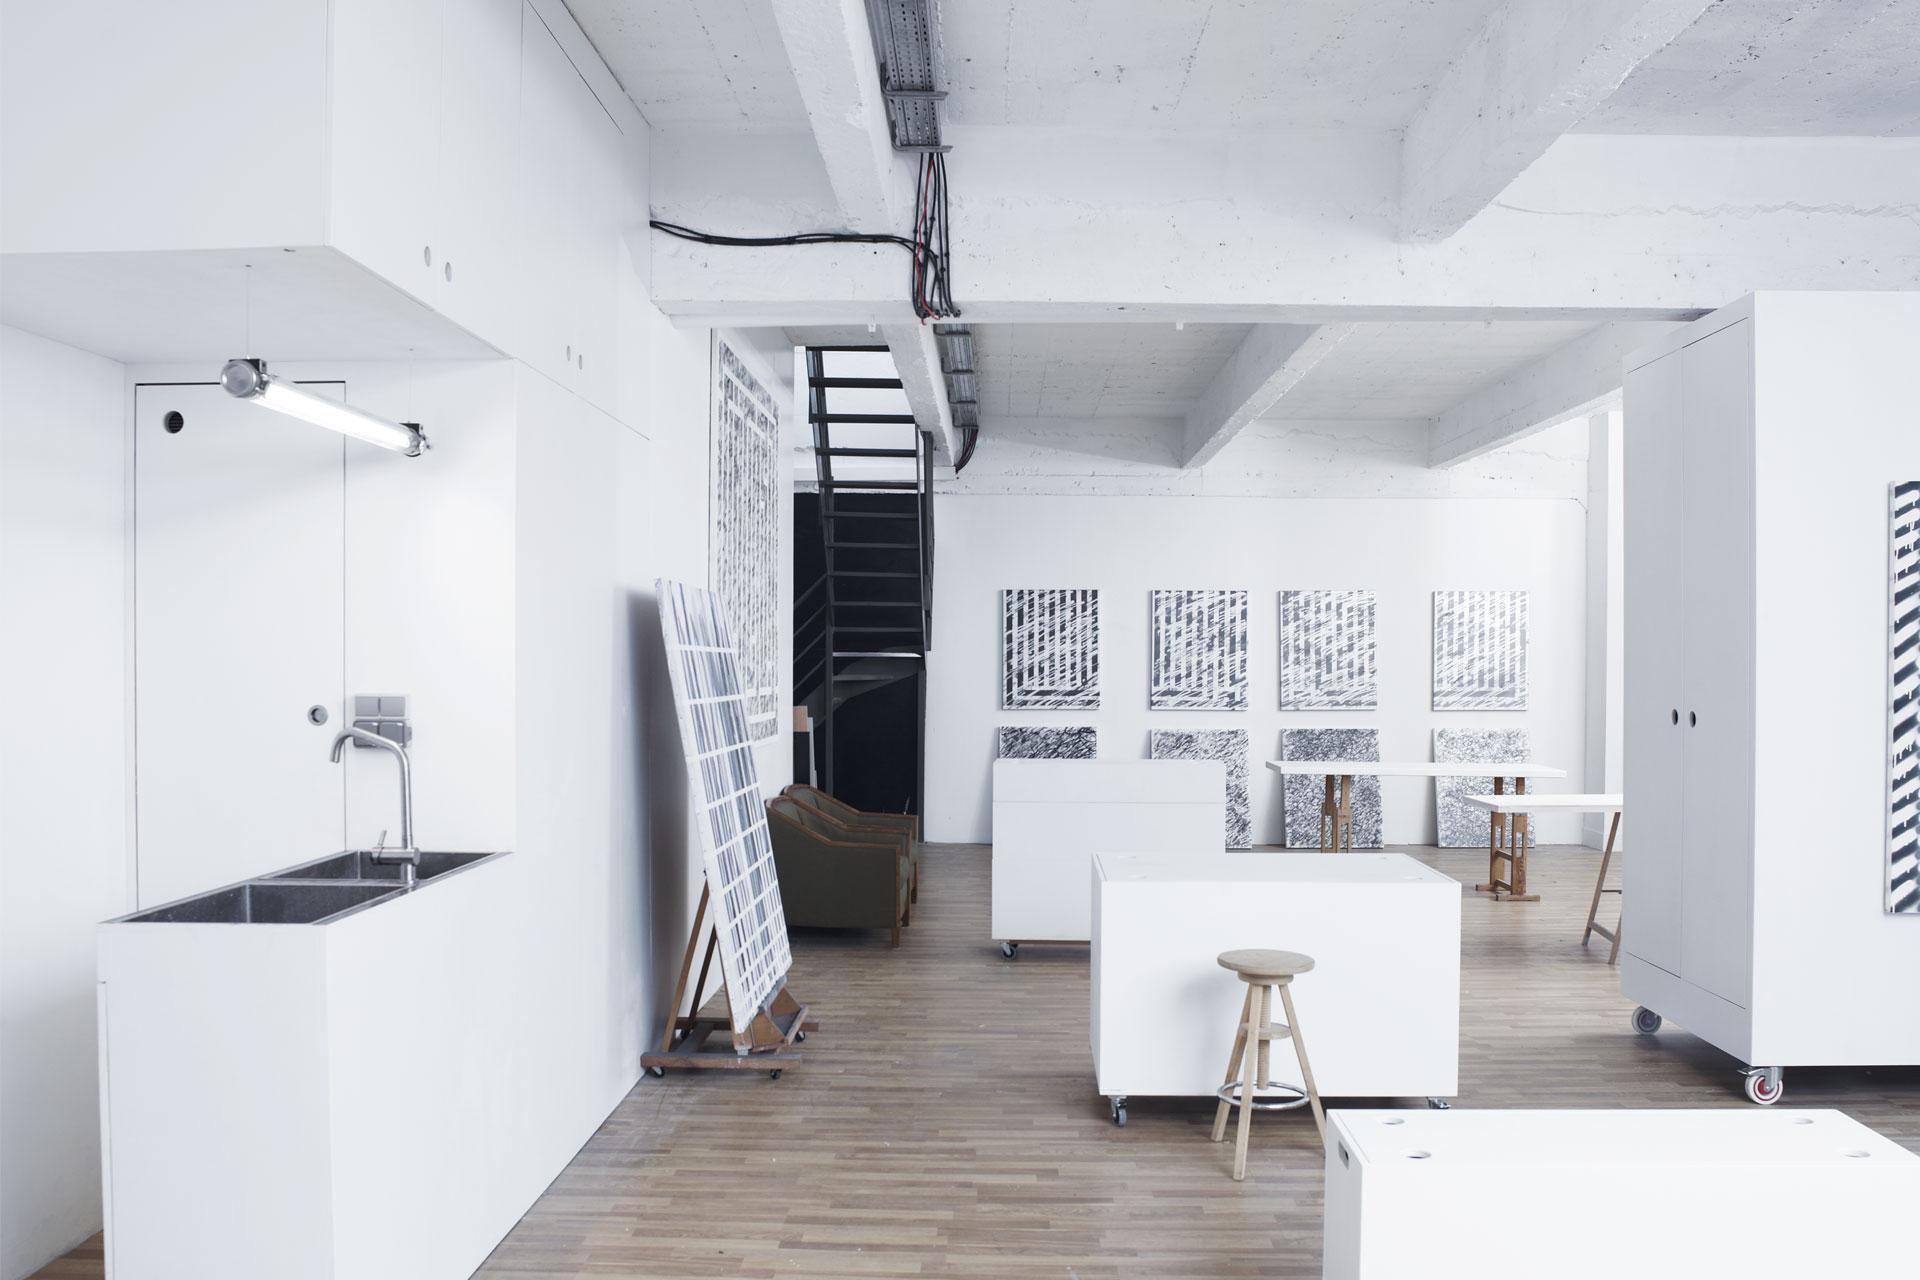 vao philippe rizzotti architecte. Black Bedroom Furniture Sets. Home Design Ideas